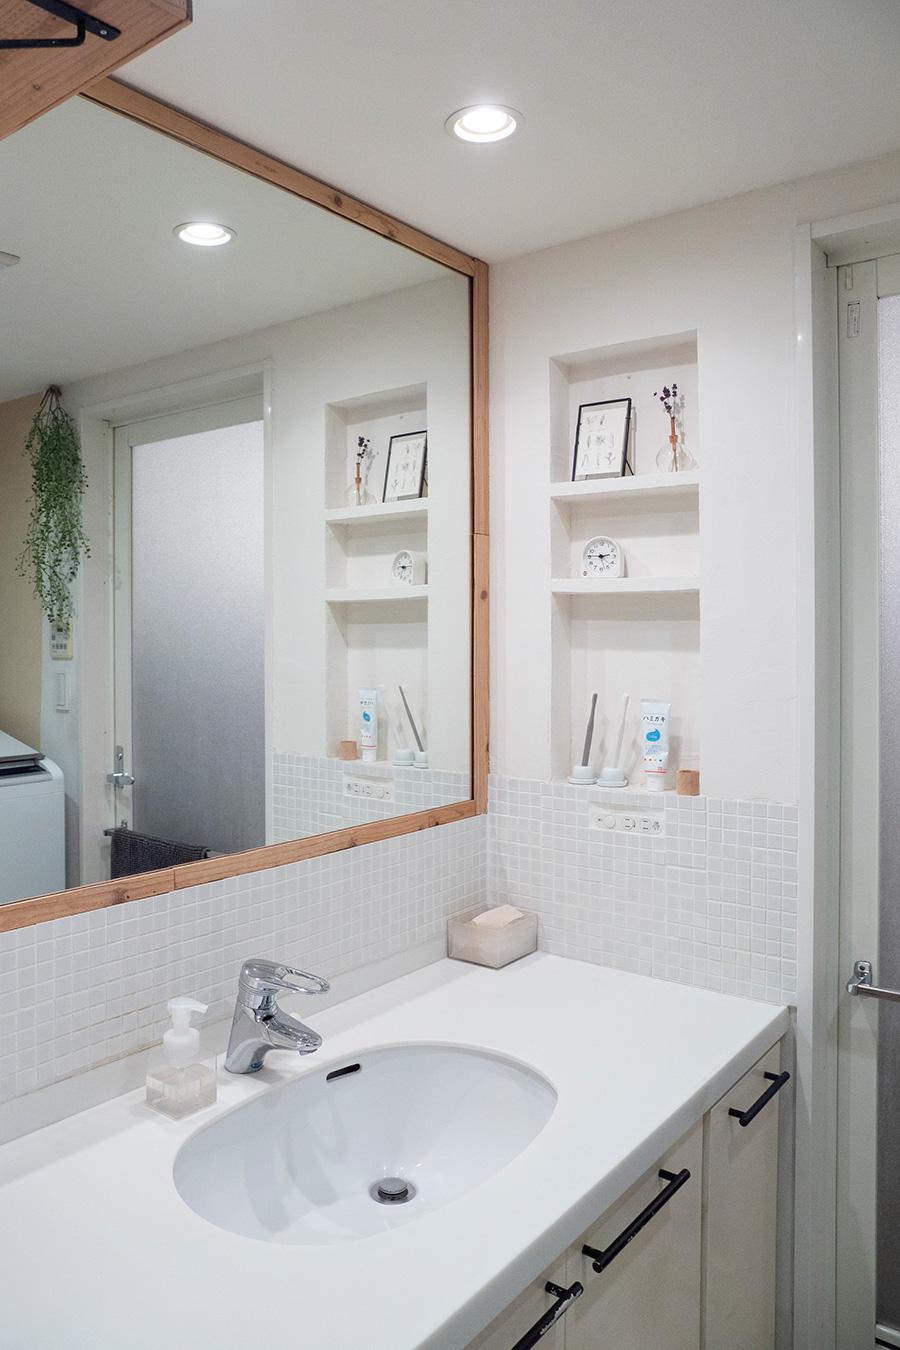 タイルを貼り、鏡のまわりには木の枠を取り付け、壁付け収納は外してニッチに。